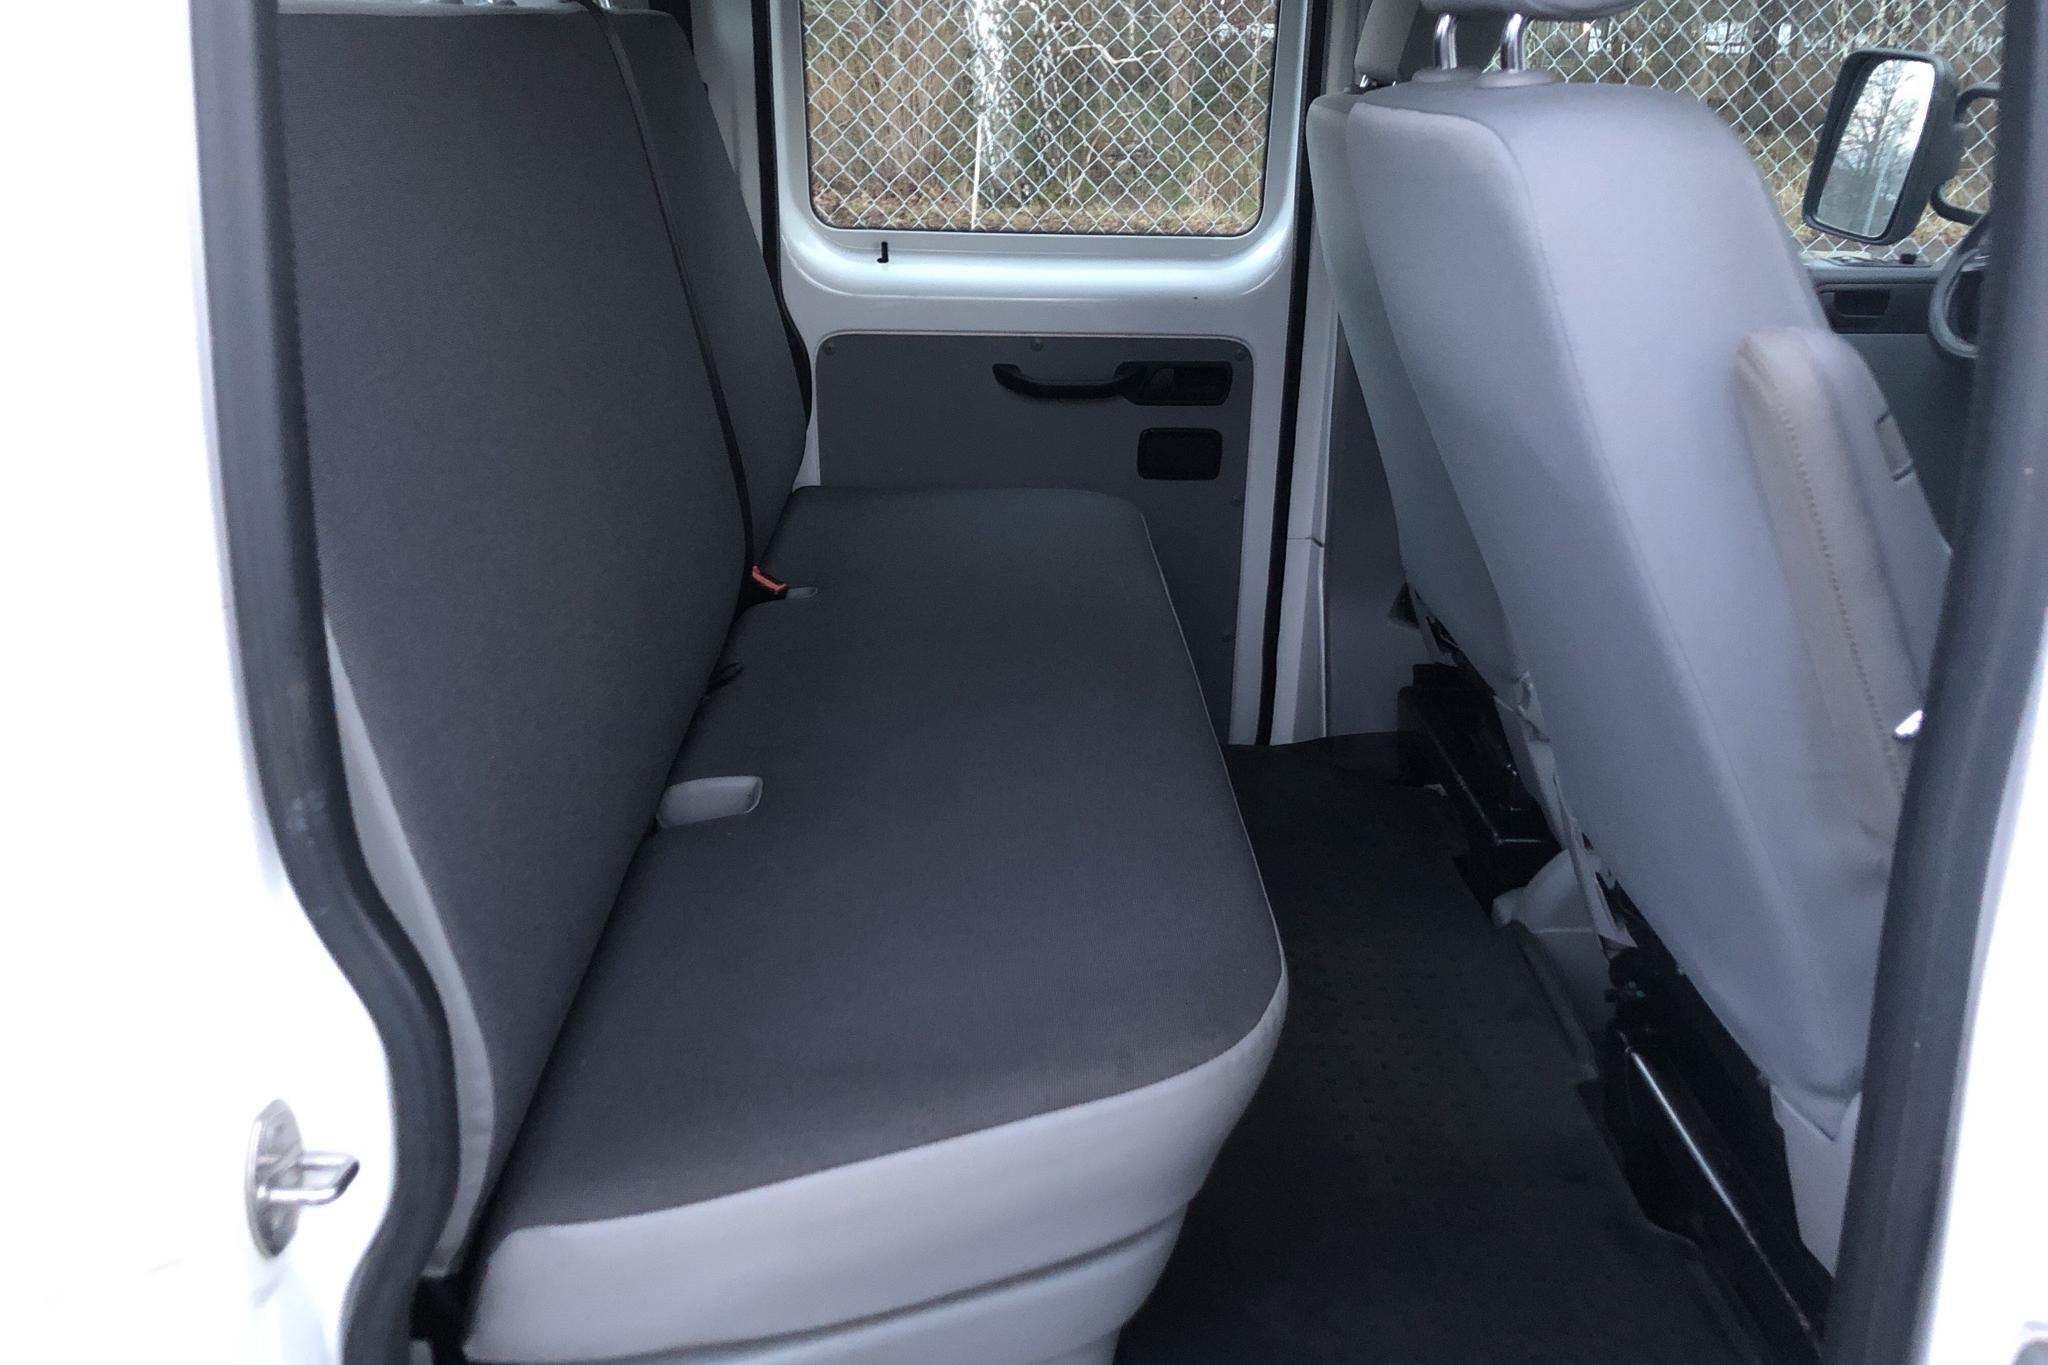 VW Transporter T5 2.0 TDI Pickup 4MOTION (140hk) - 18 810 mil - Manuell - vit - 2014